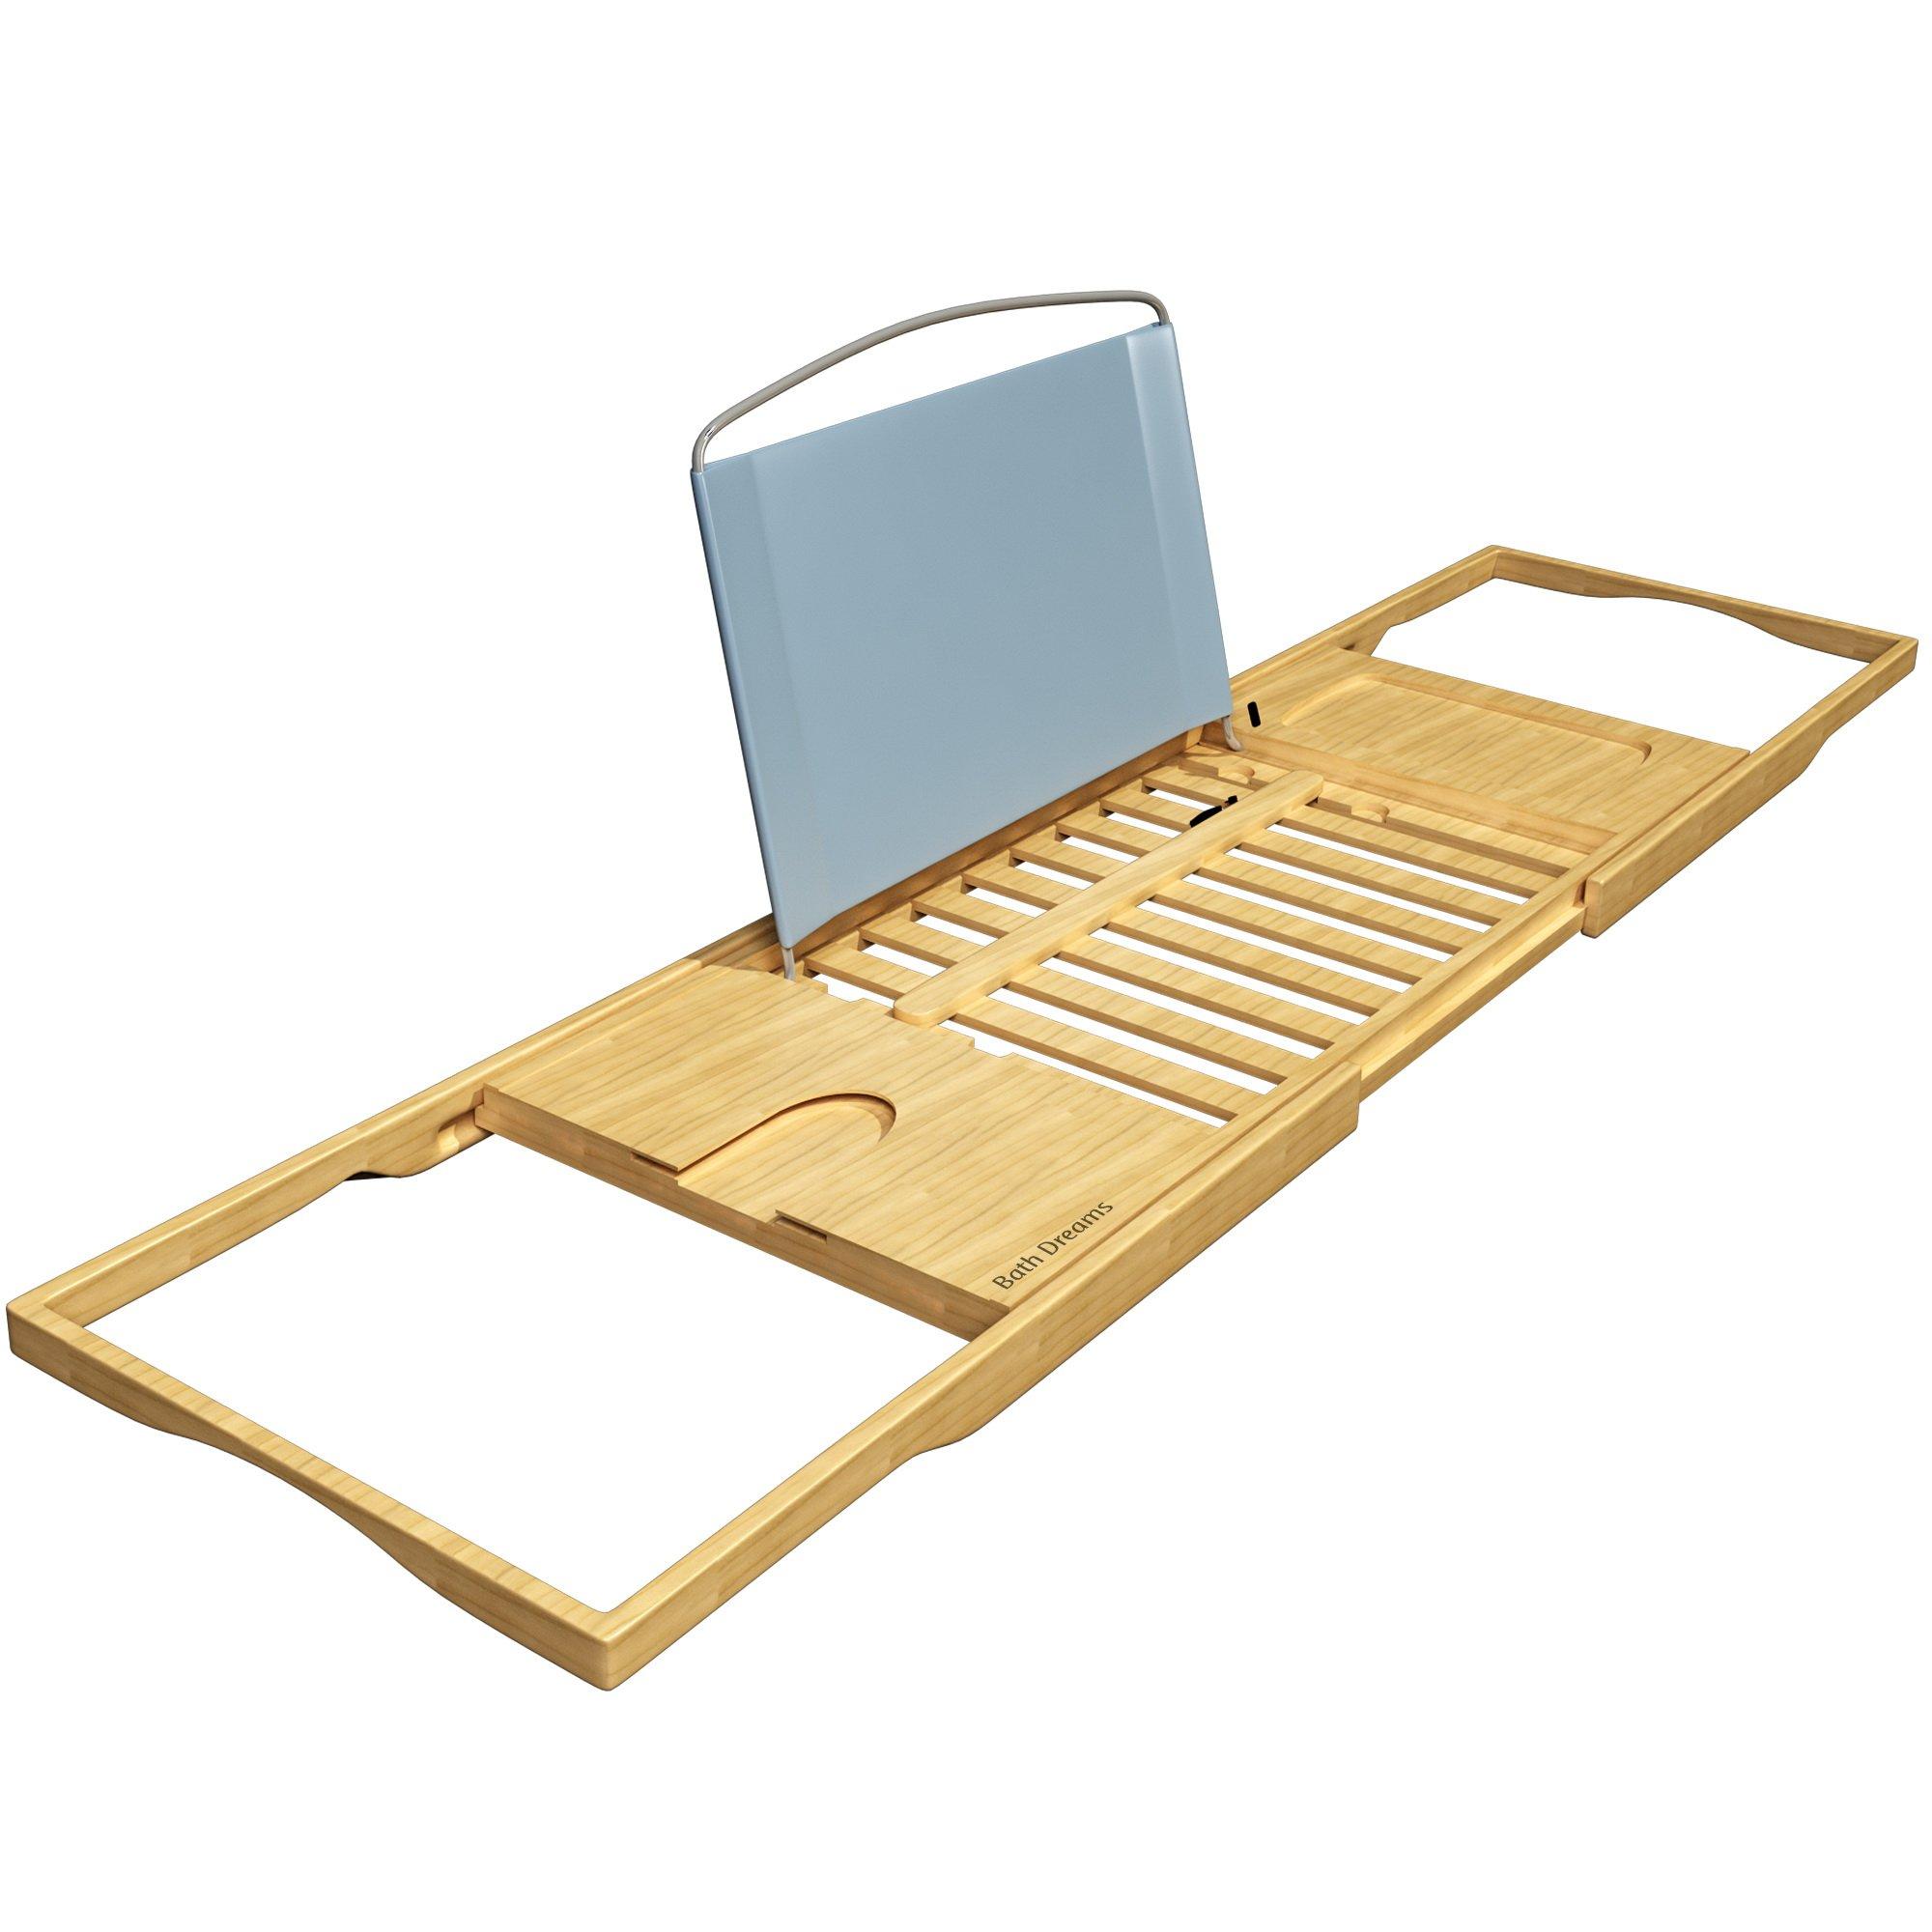 Bath Dreams Luxury Bamboo Bathtub Caddy Tray With Extending Sides EBay